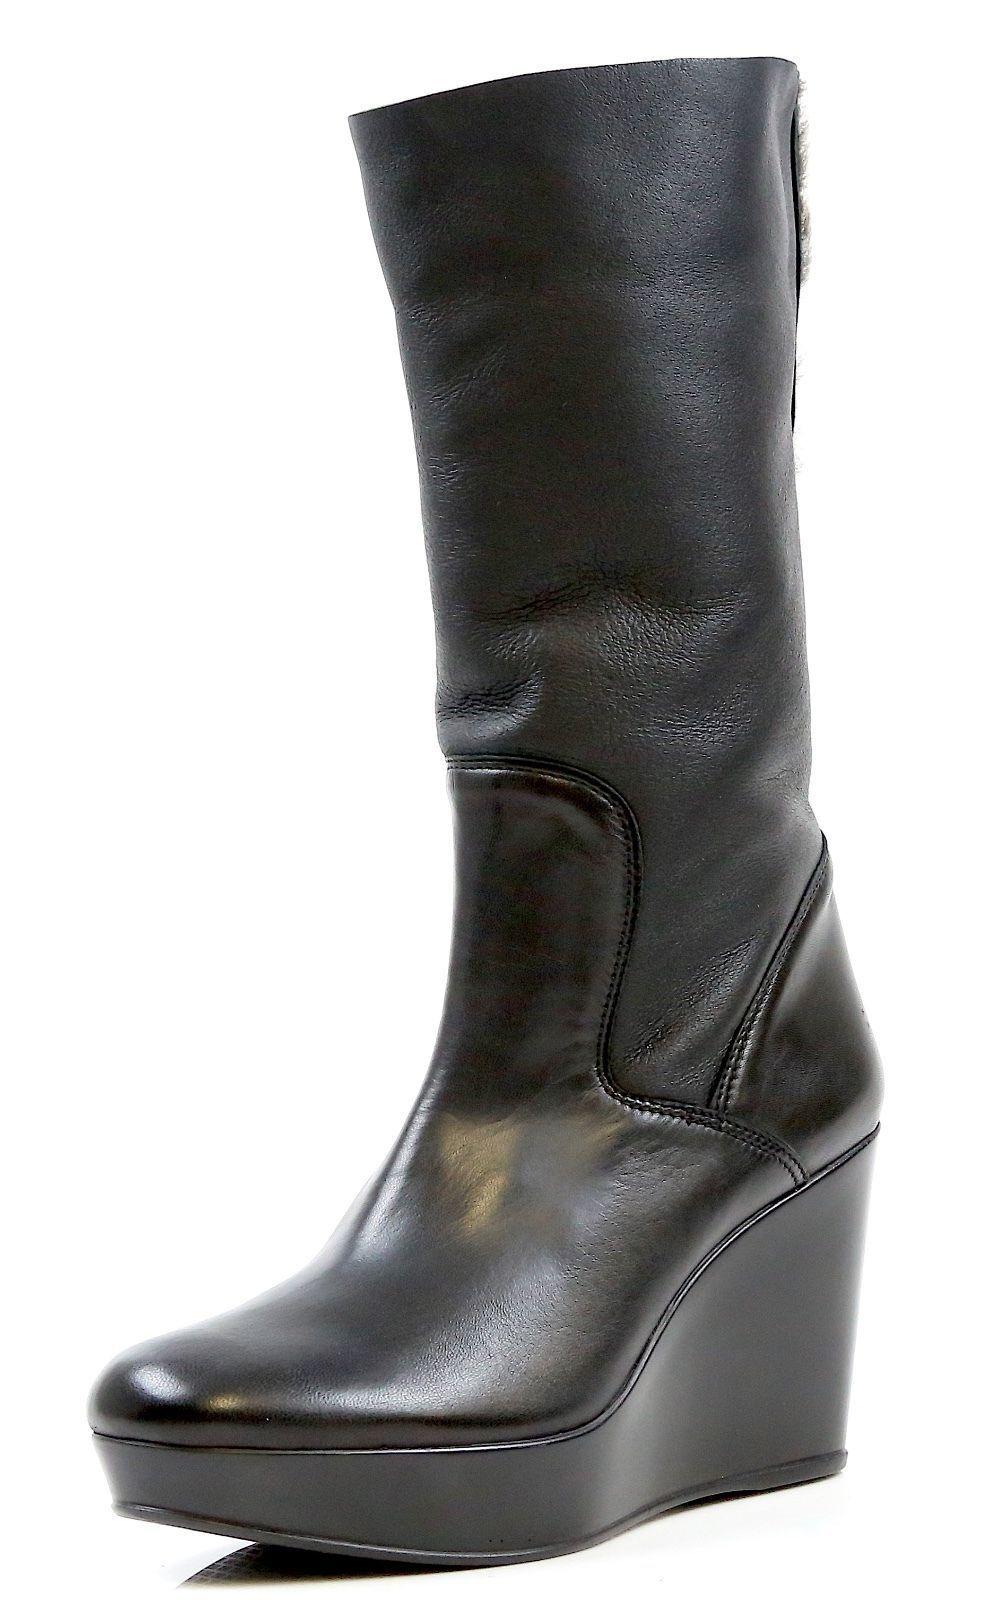 outlet online New New New  Stuart Weitzman 7281 Snowy nero Leather Wedge stivali  KW17521 Dimensione 10B- 475  tutti i prodotti ottengono fino al 34% di sconto